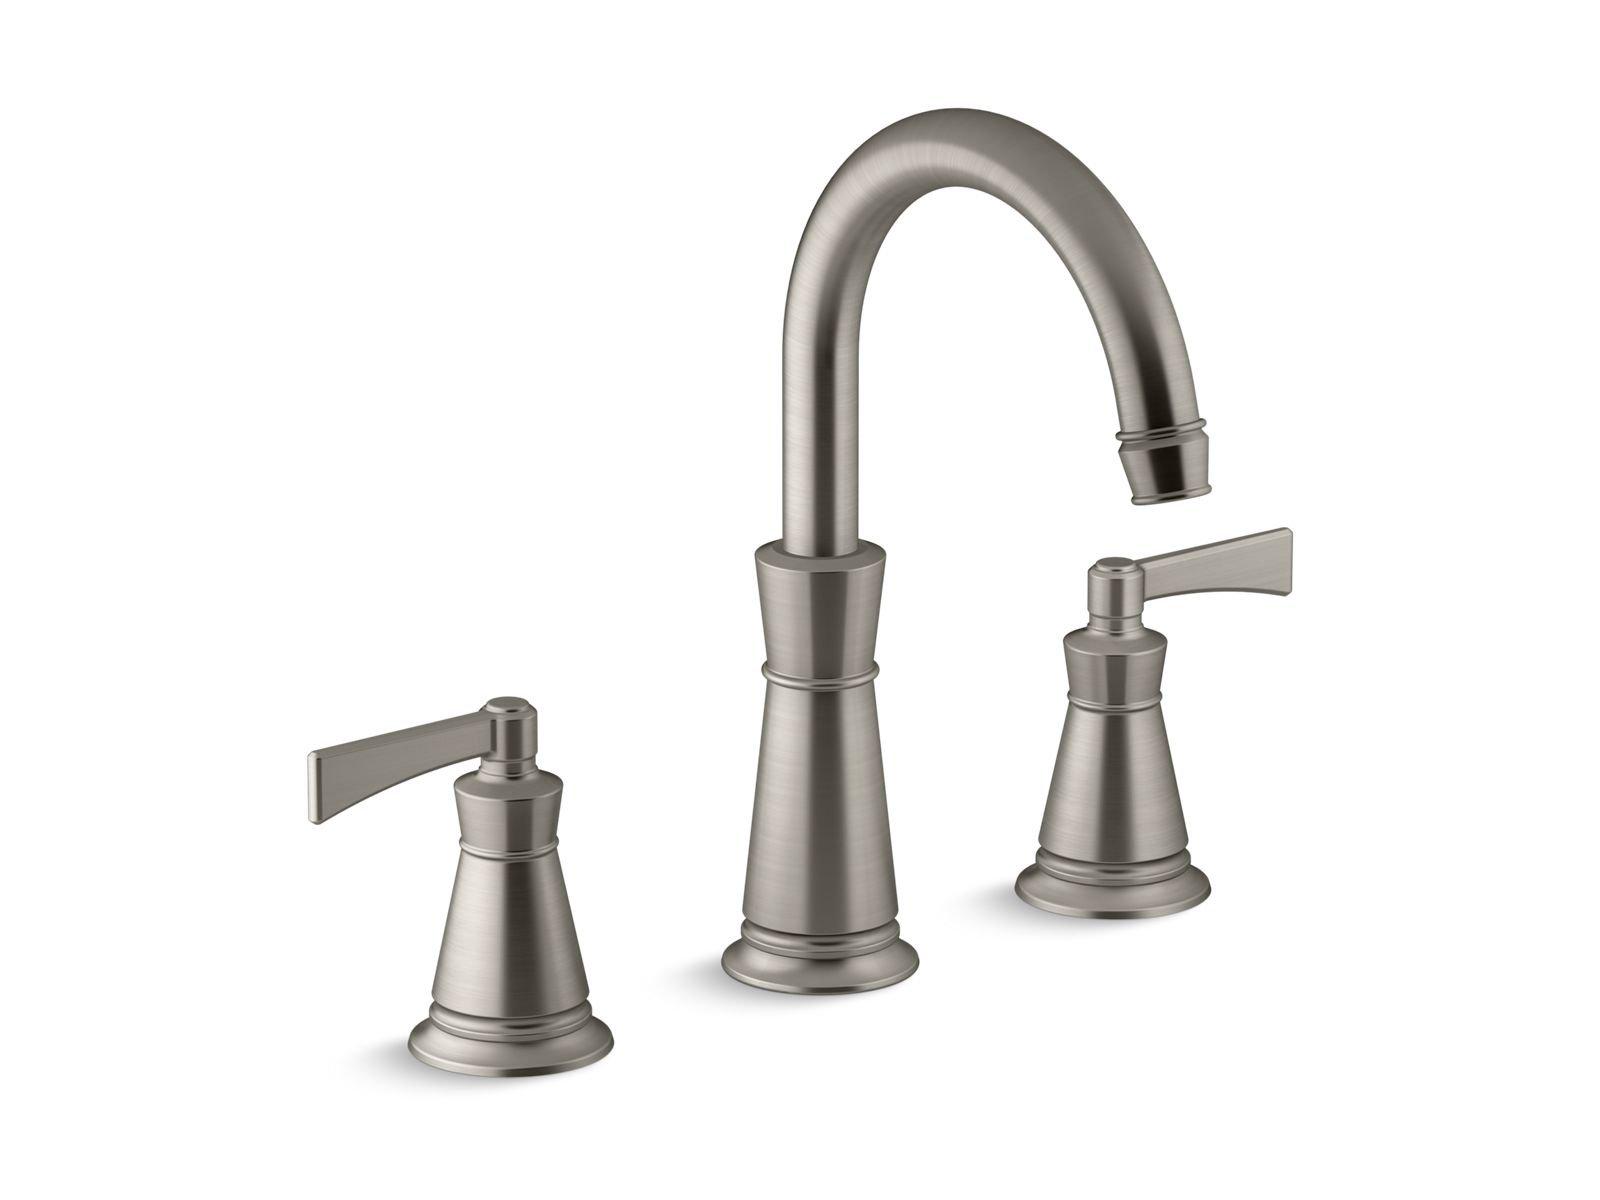 Kohler K-T45849-4-BN Archer Deck-Mount Bath Faucet Trim in Vibrant Brushed Nickel